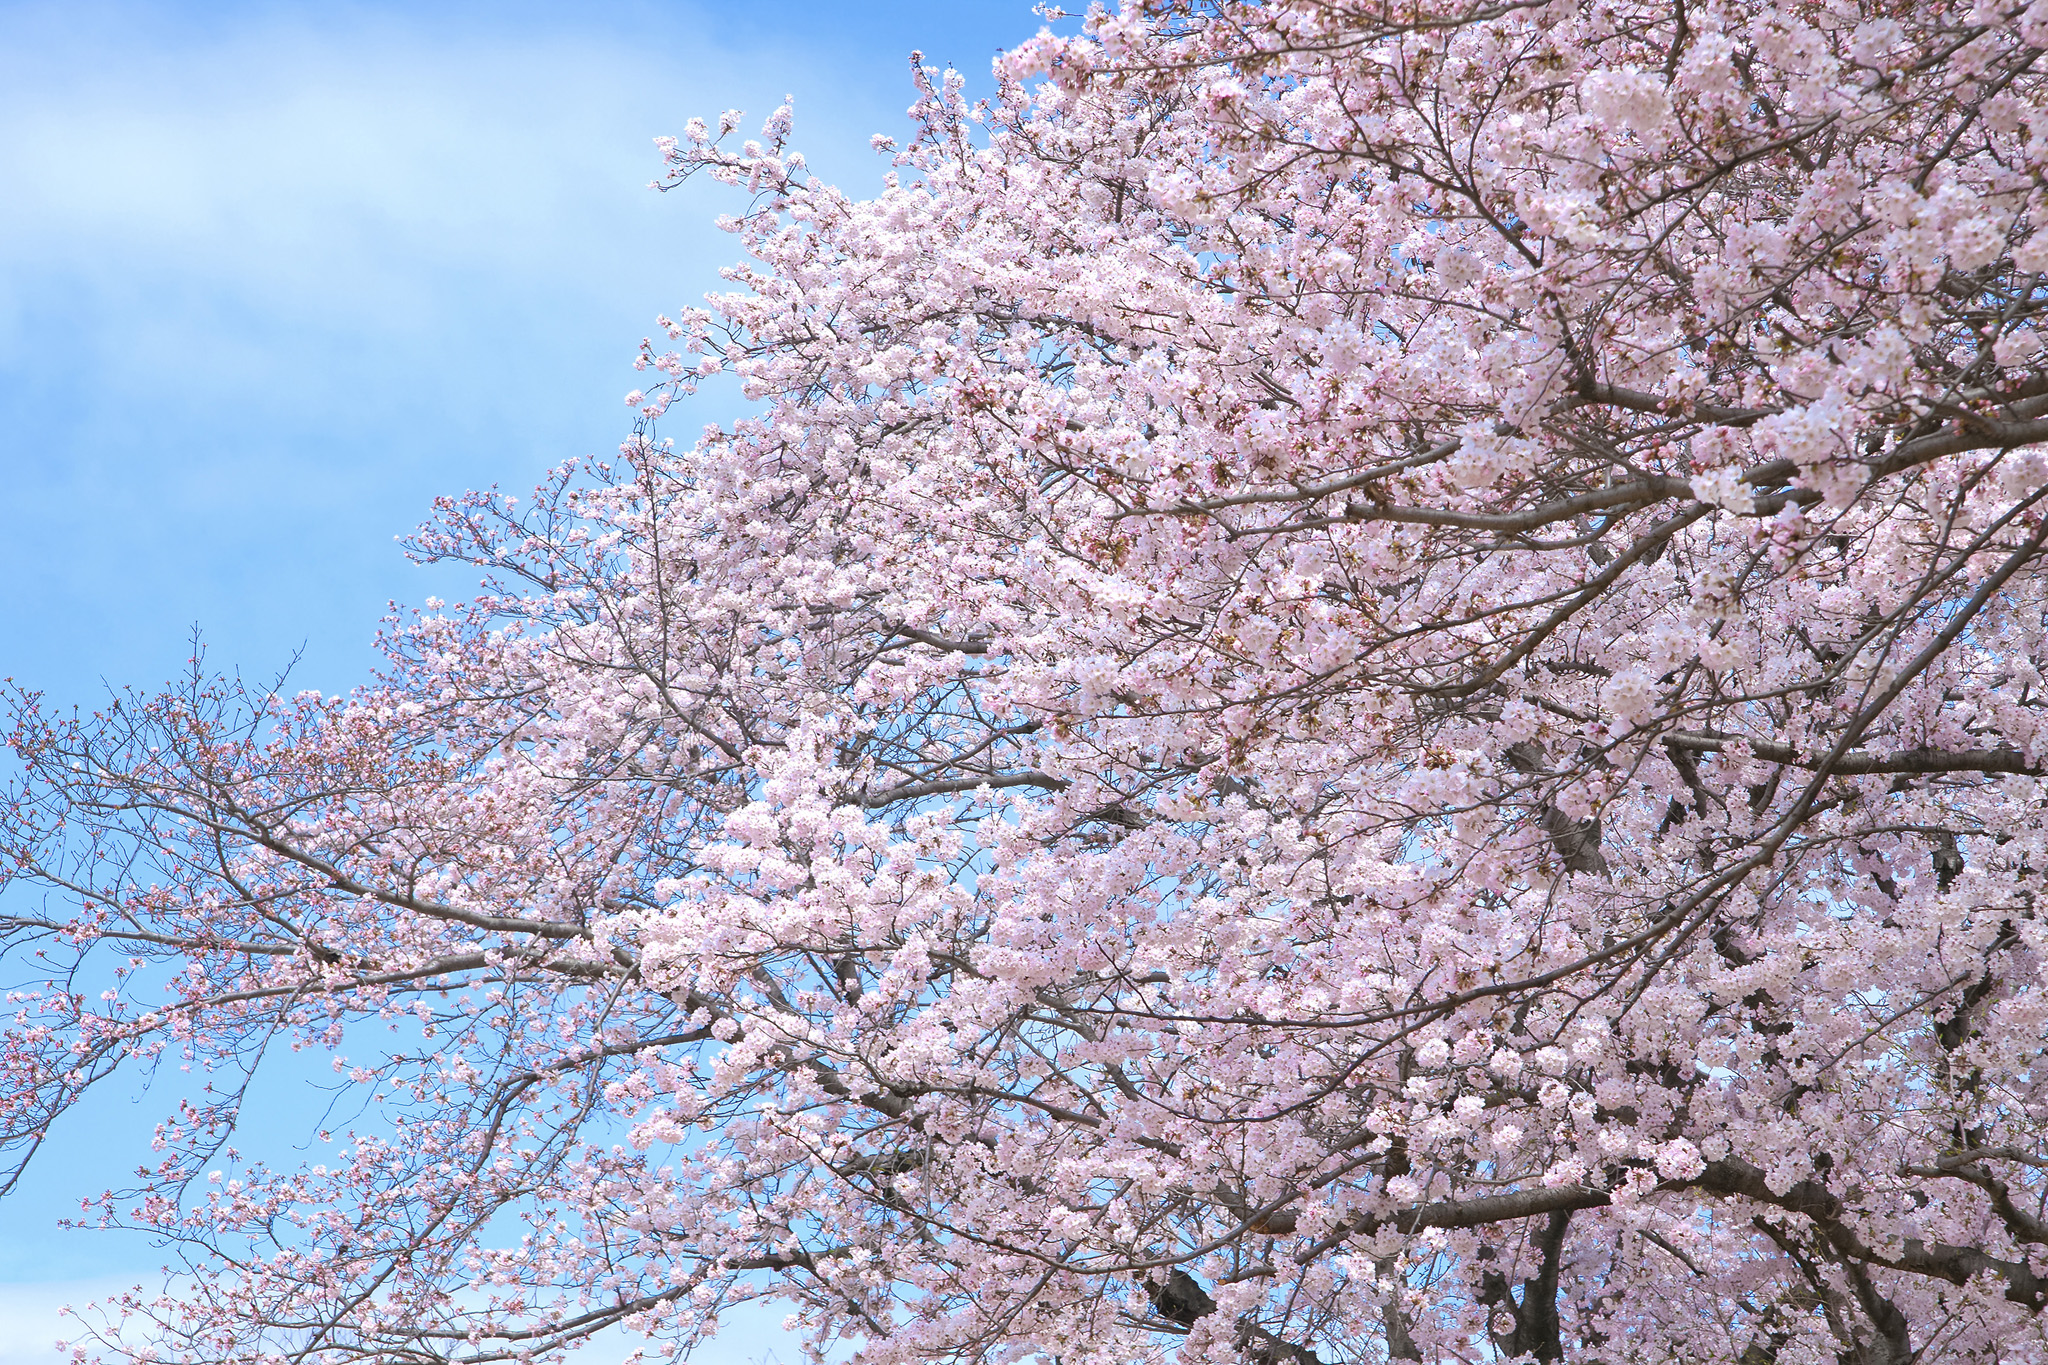 「桜と空と雲」の画像を無料ダウンロード